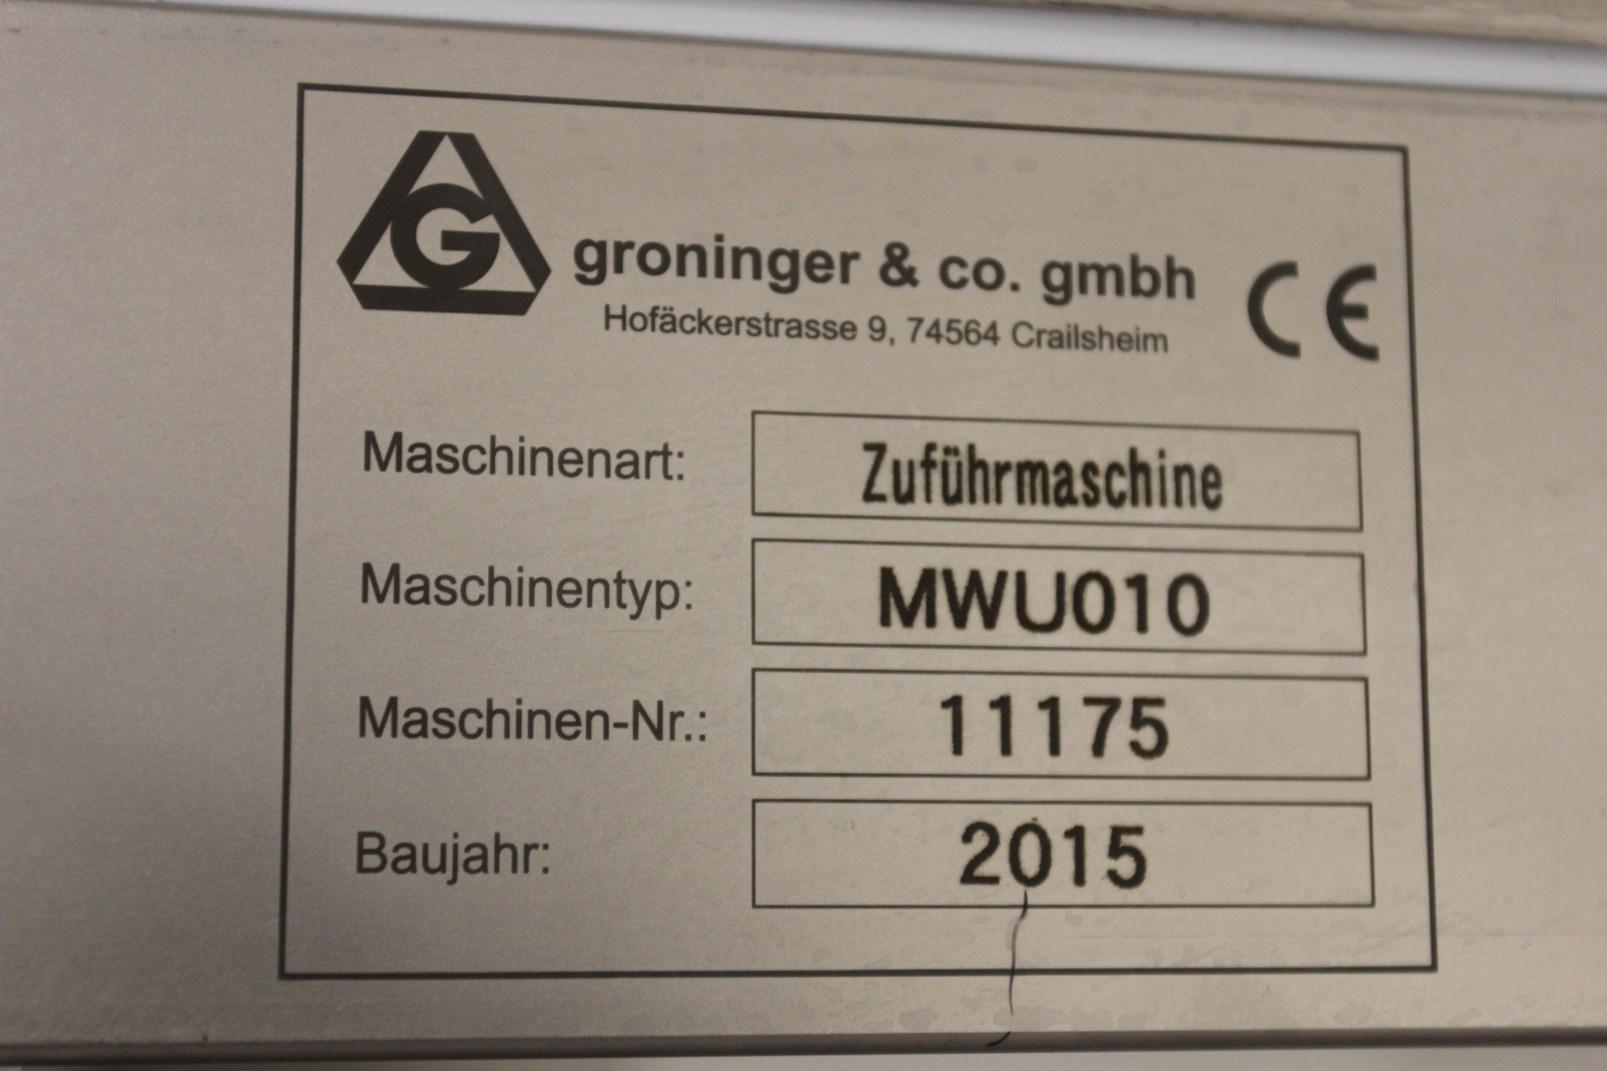 Lot 88 - Complete Groninger Filling Line w/ 2015 Groninger MWU010, w/ Debagger, Delid/Liner, Filling and